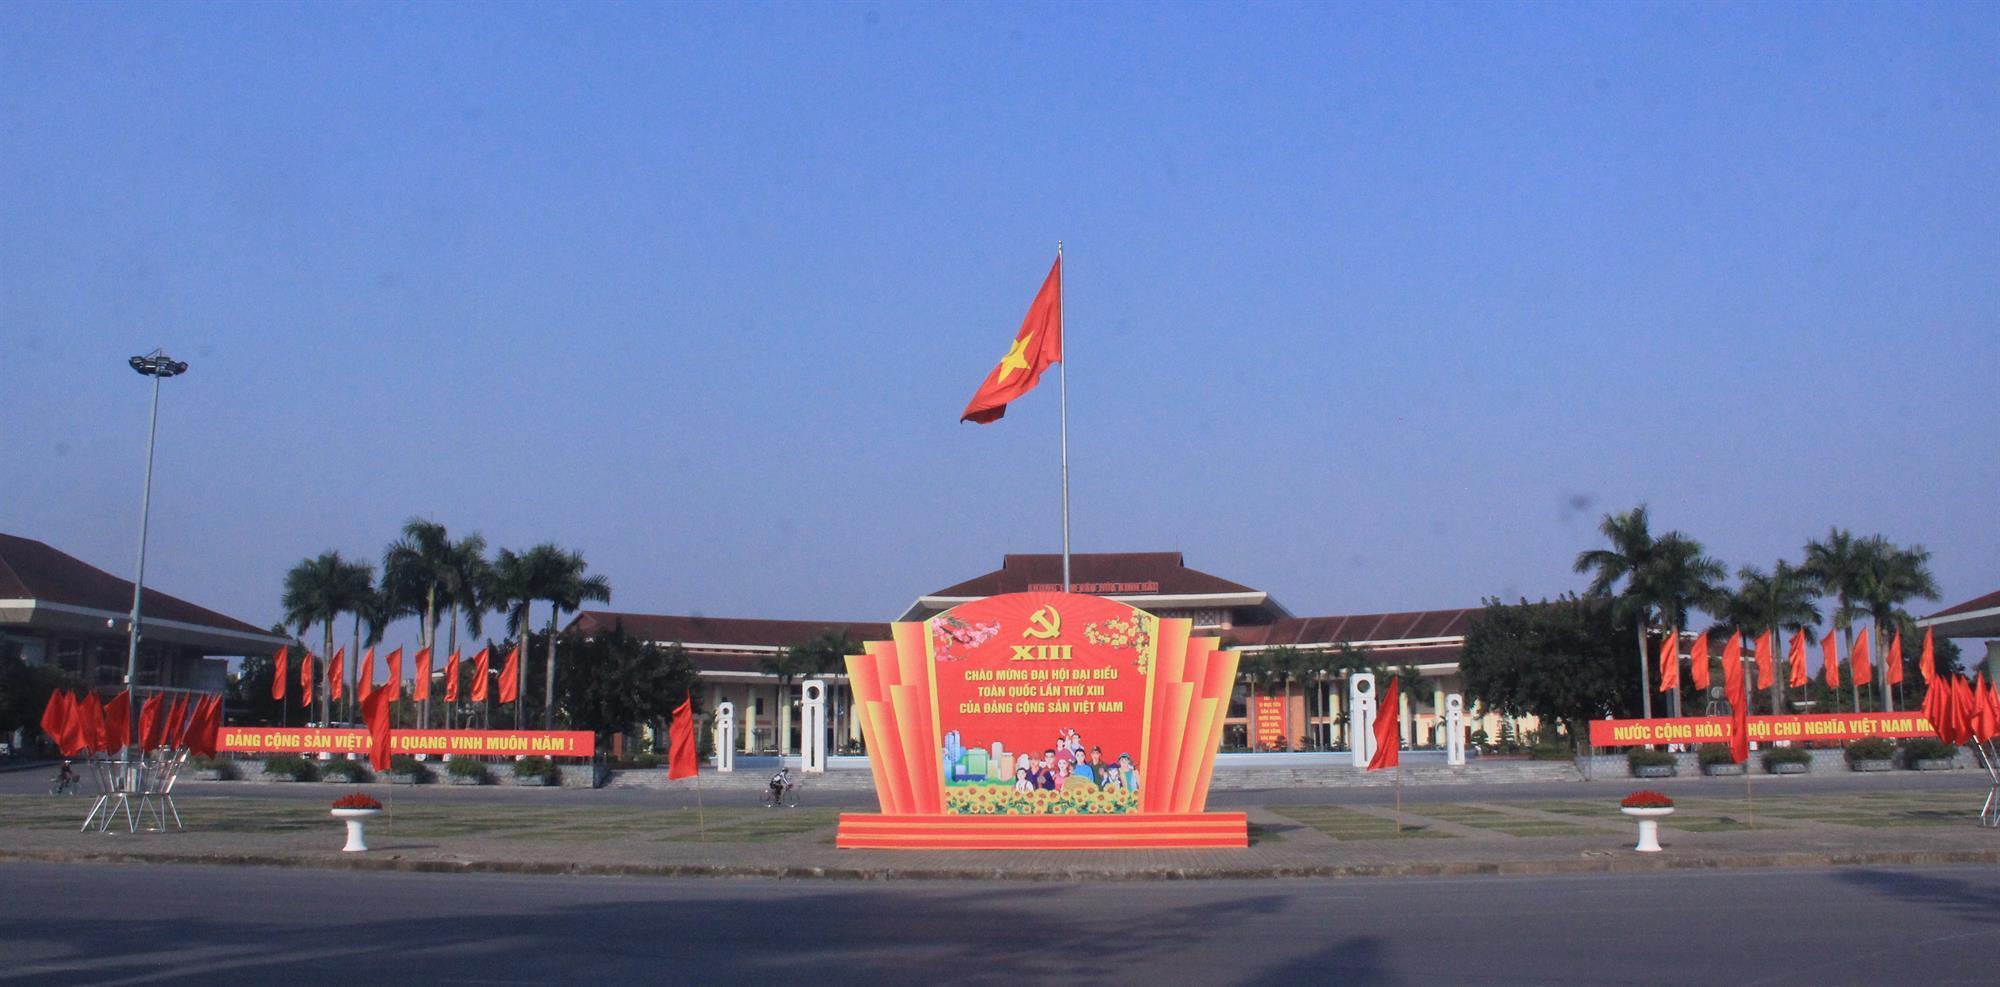 Thành phố Bắc Ninh rợp cờ hoa, băng rôn, khẩu hiệu chào mừng Đại hội lần thứ XIII của Đảng